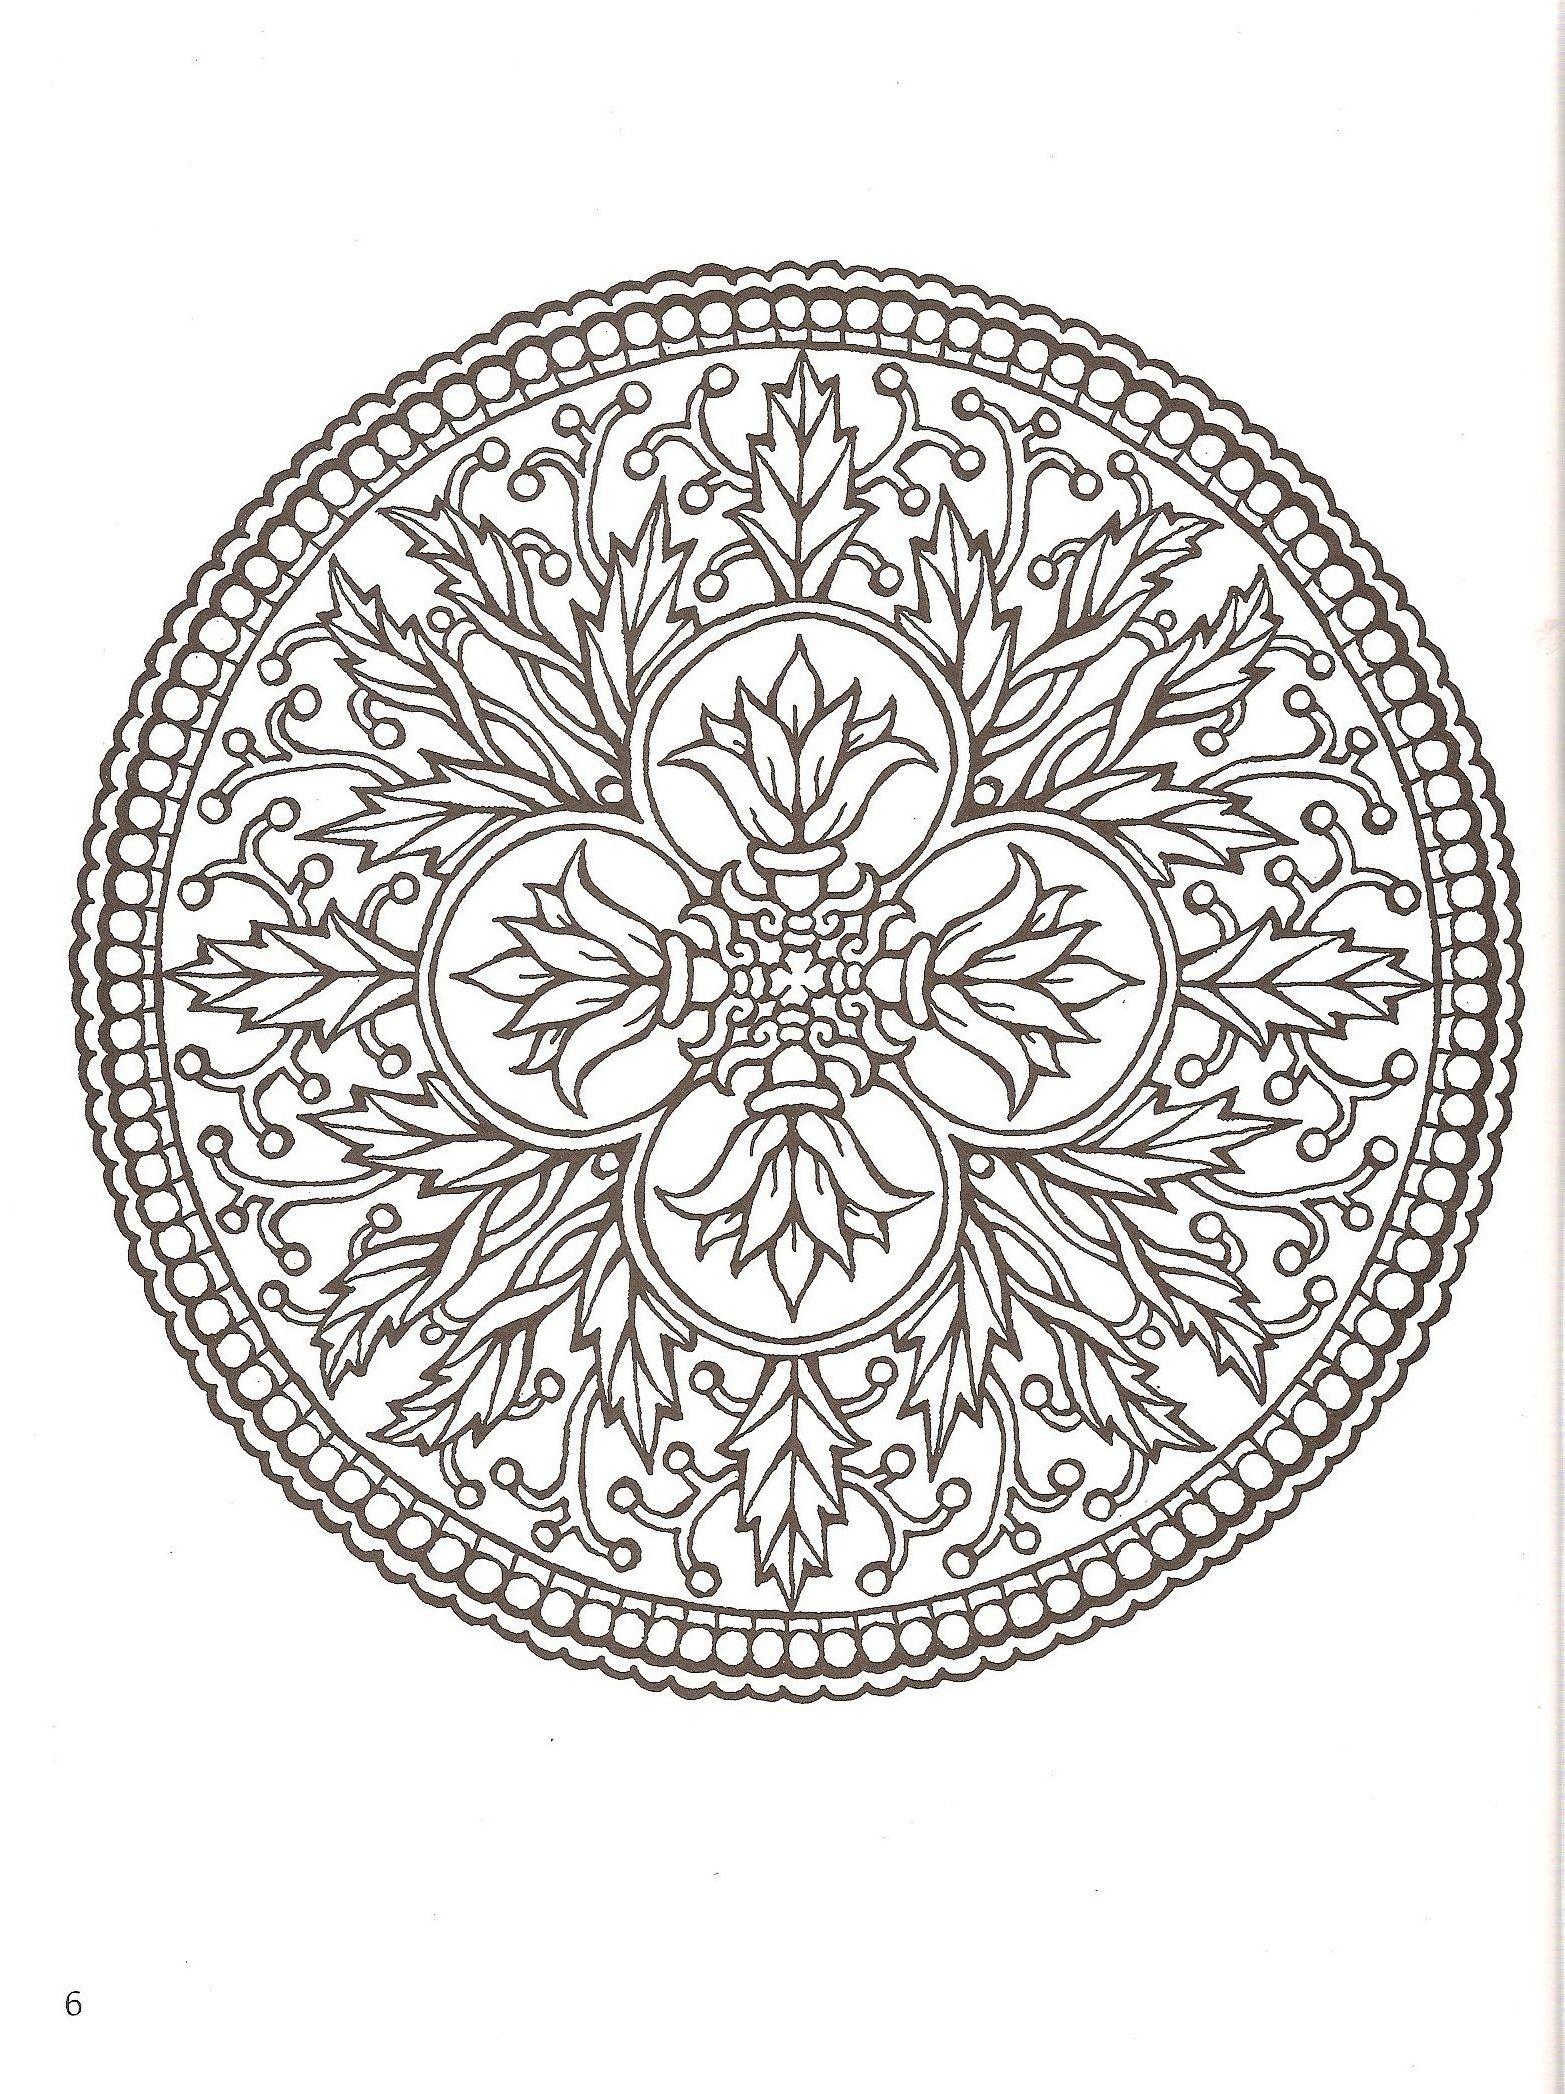 Pin By Andrea Wm On Sharing Coloring Mandala Coloring Books Mandala Coloring Mandala Coloring Pages